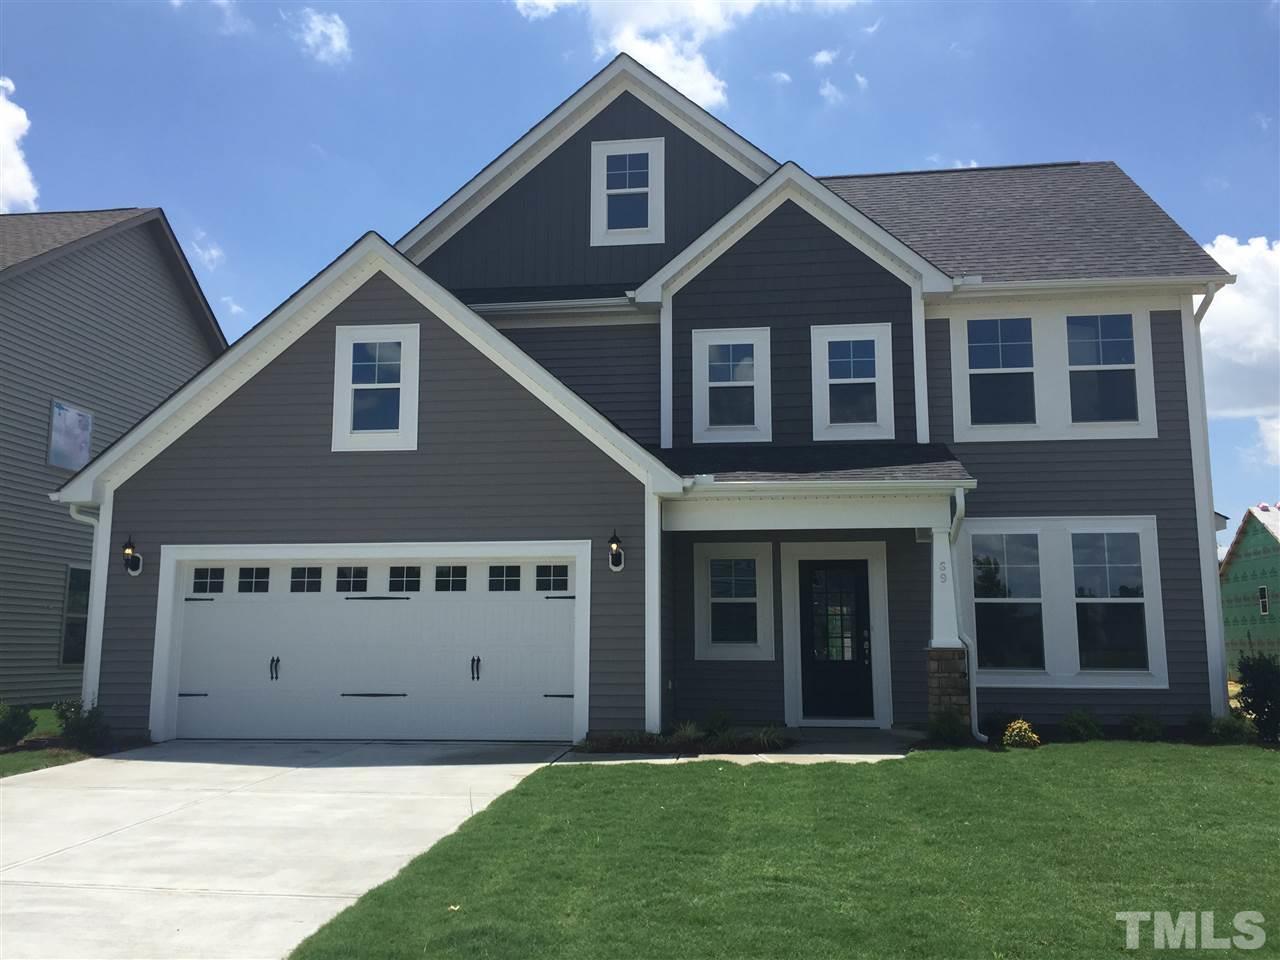 69 Yellow Pine Lane 51, Garner, NC 27529